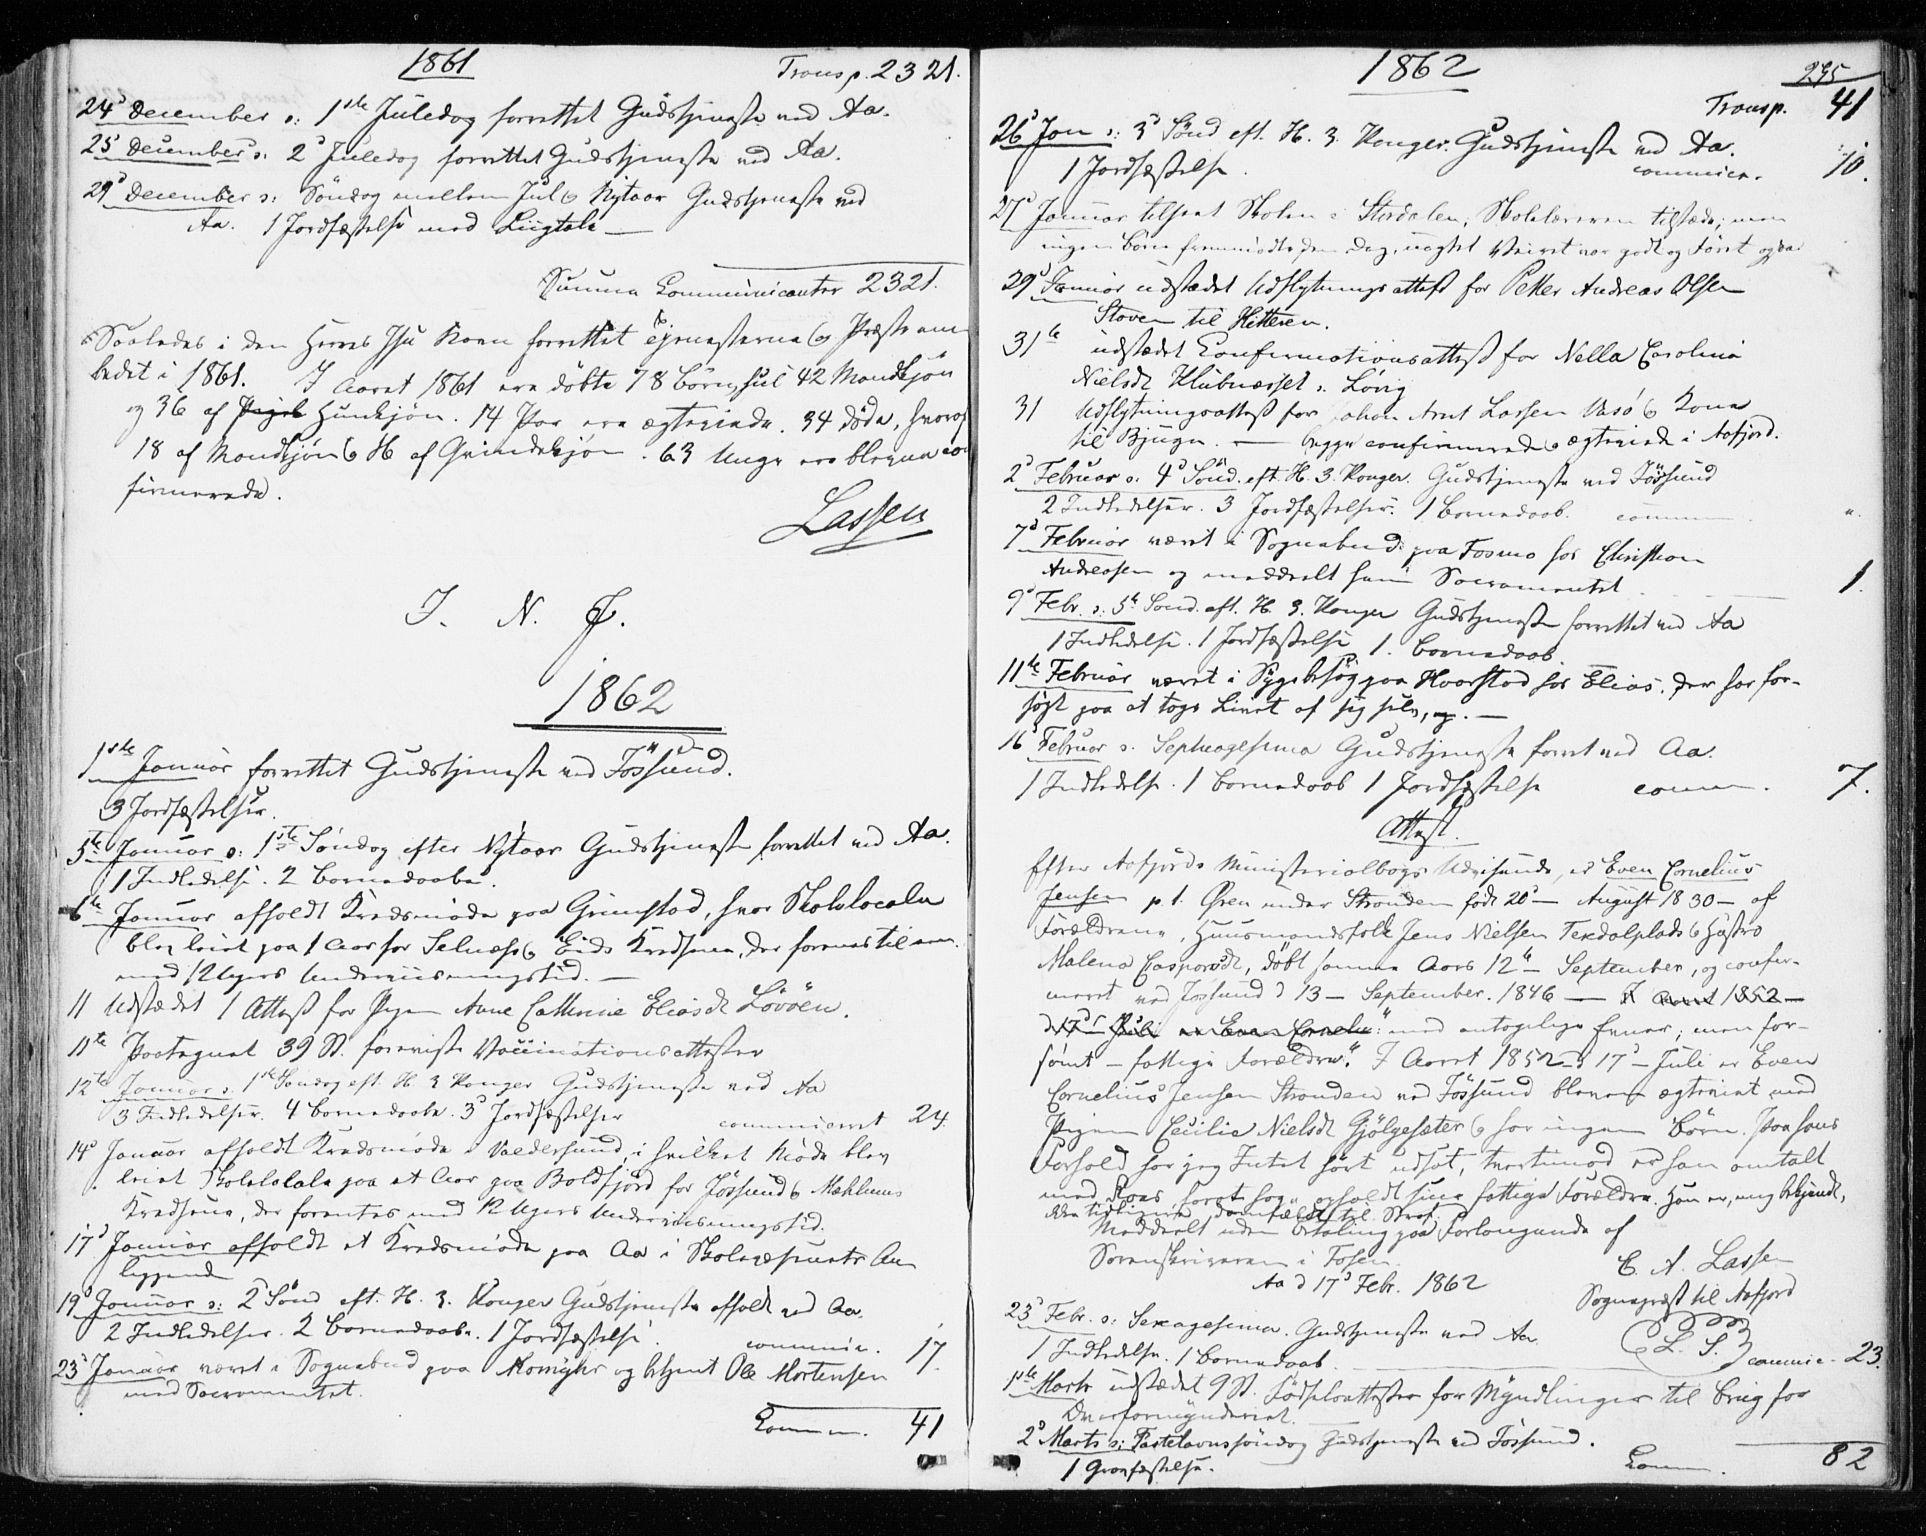 SAT, Ministerialprotokoller, klokkerbøker og fødselsregistre - Sør-Trøndelag, 655/L0678: Ministerialbok nr. 655A07, 1861-1873, s. 295